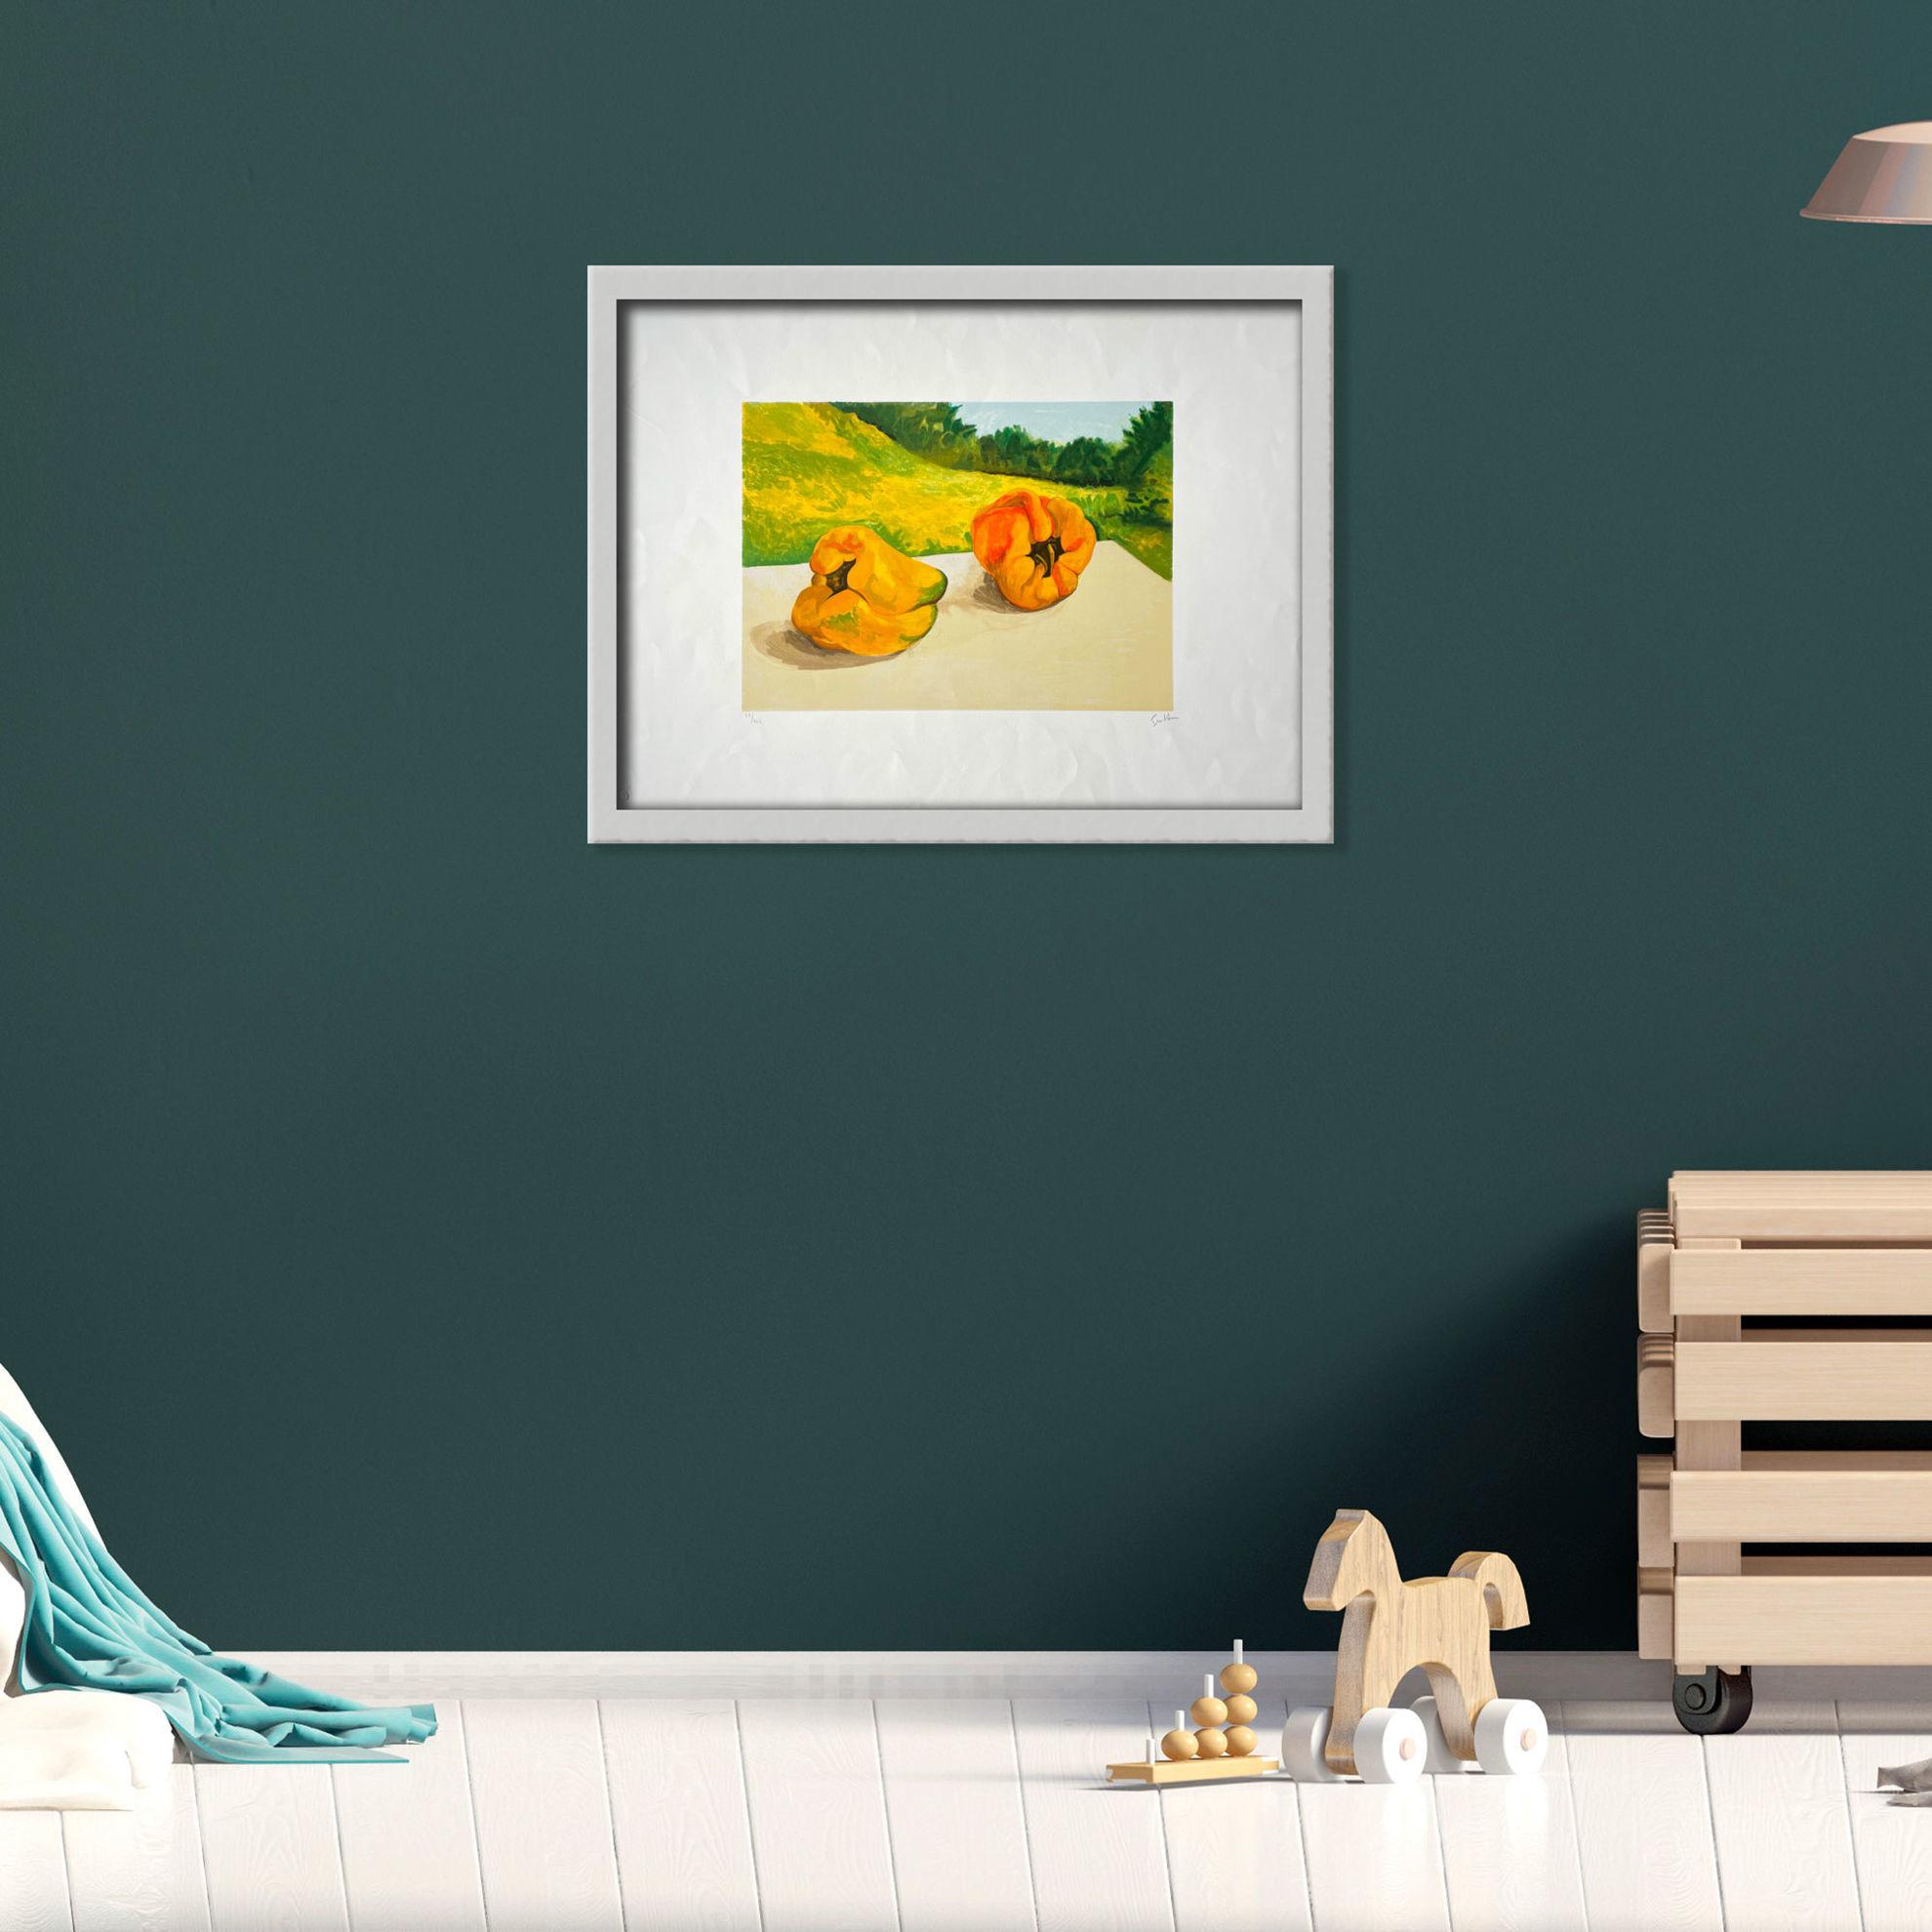 Immagine di Peperoni con paesaggio